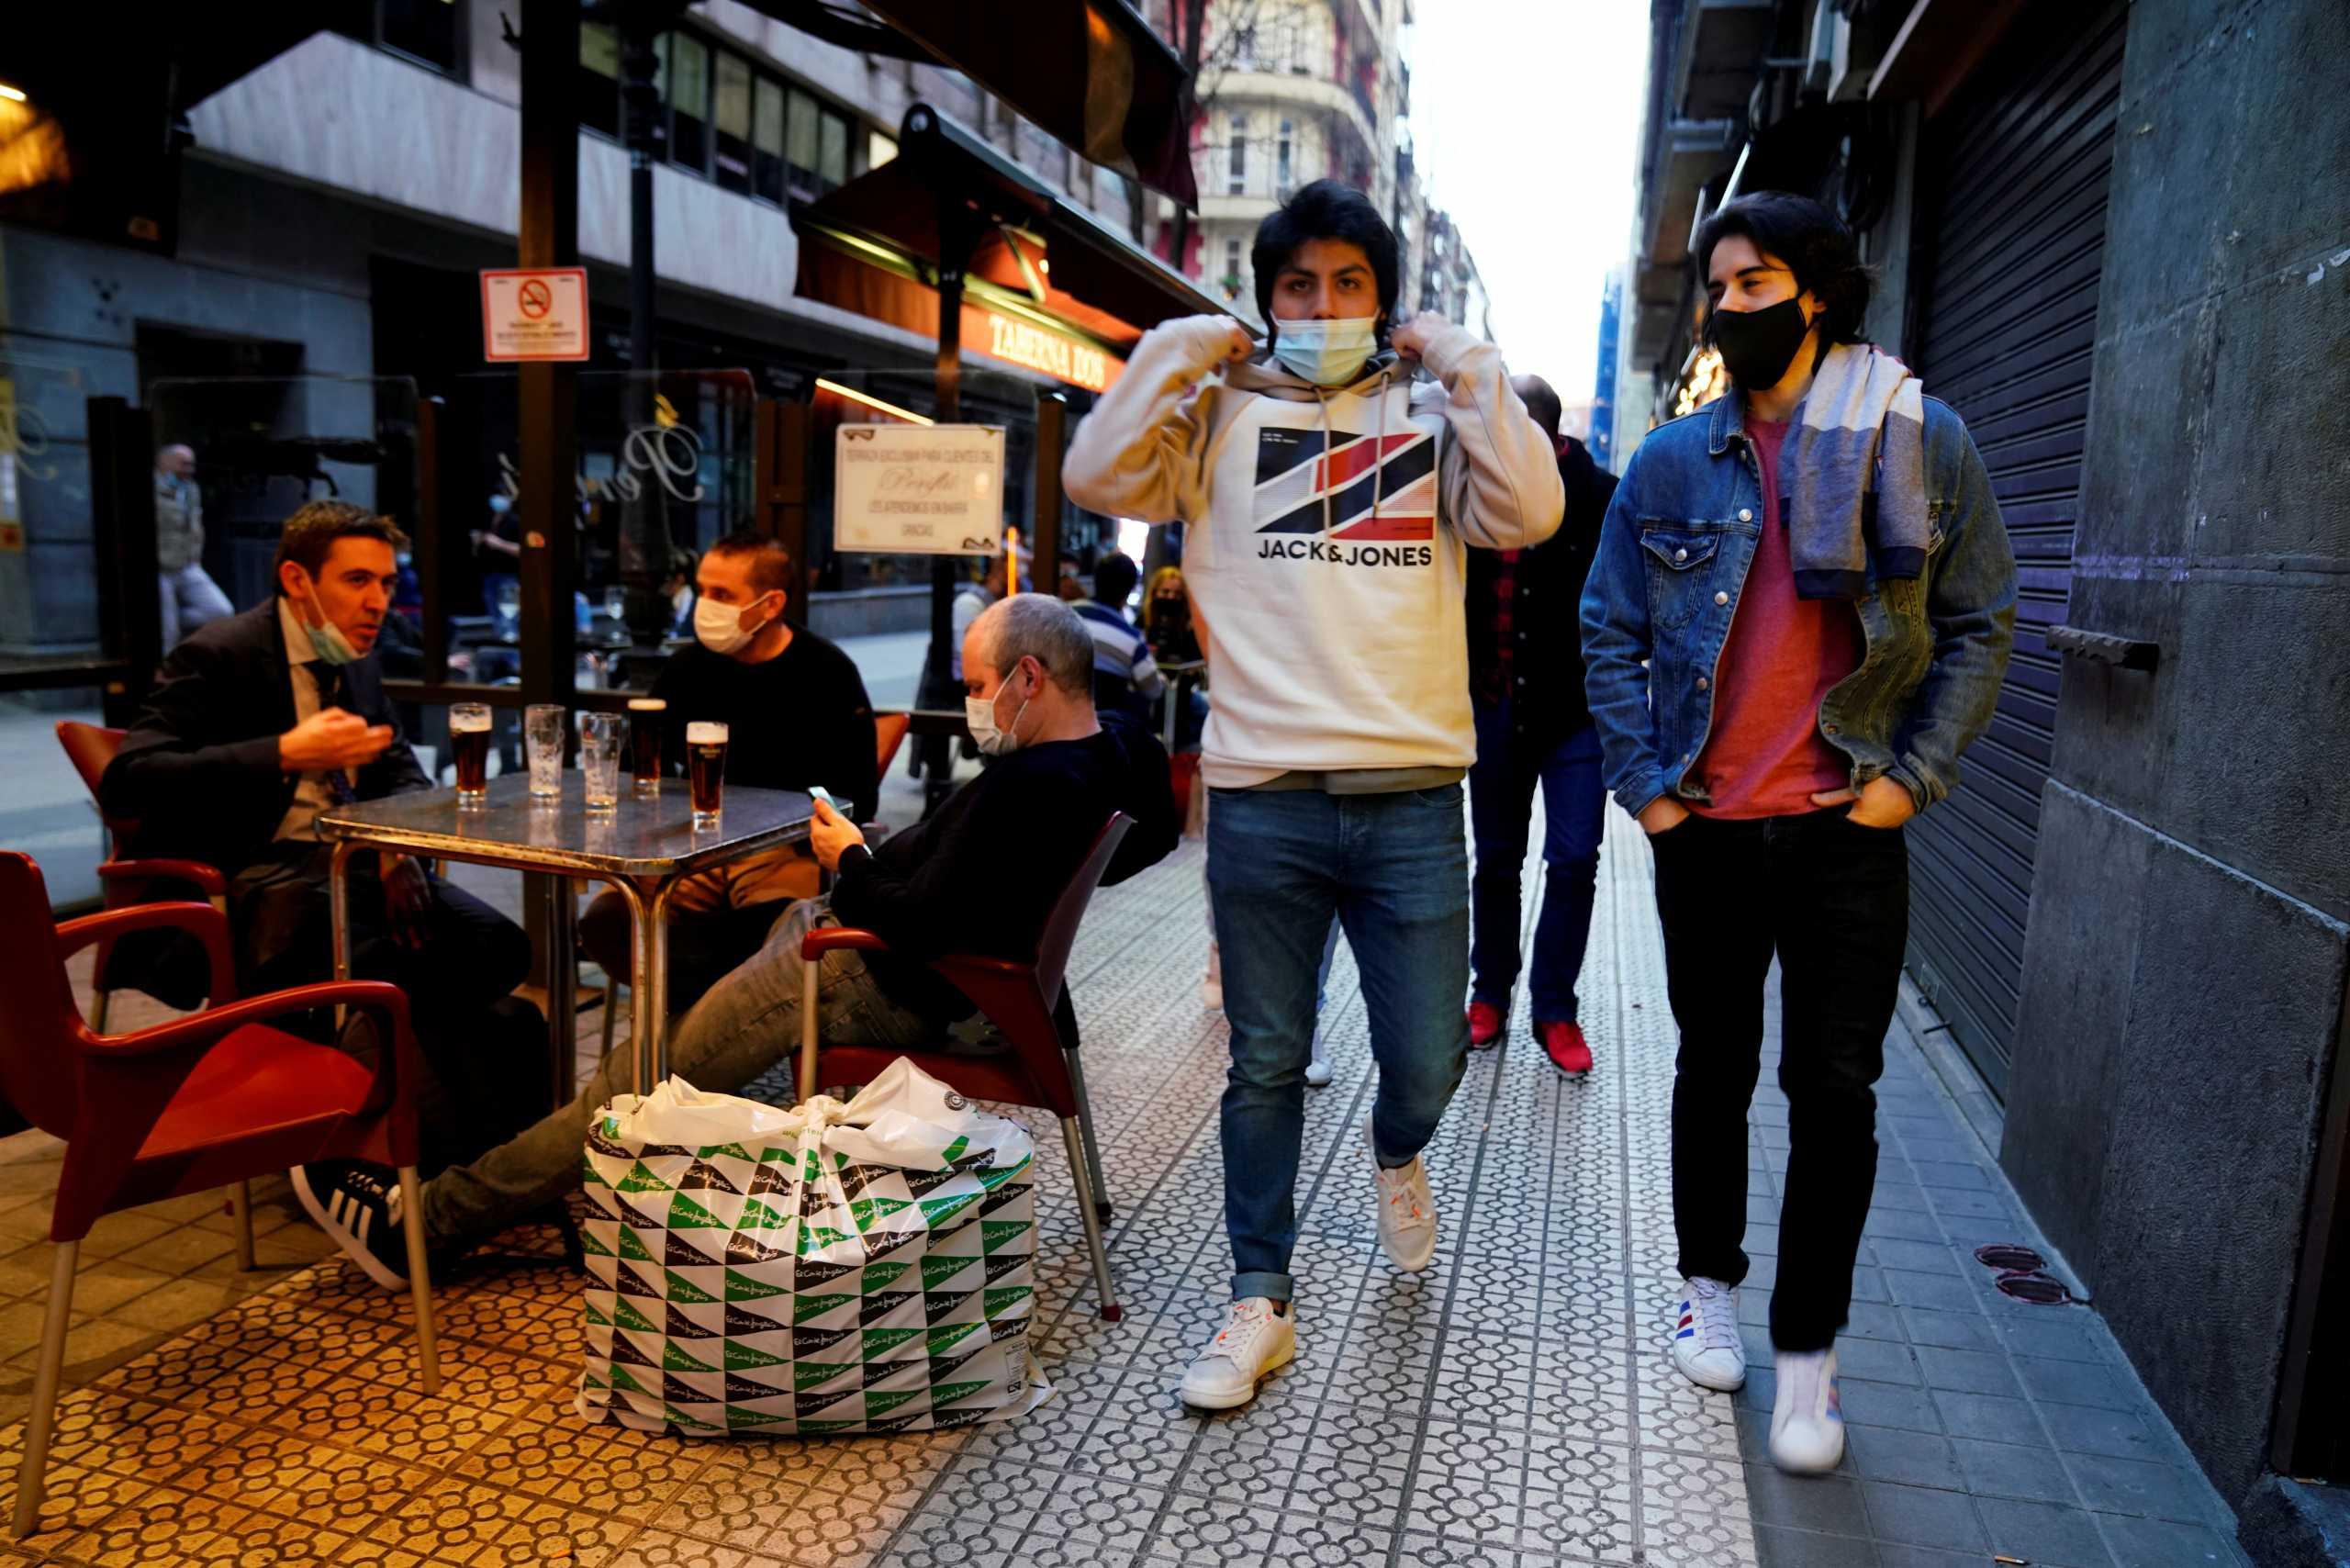 Επανέρχονται τα περιοριστικά μέτρα στην Καταλονία μετά την αύξηση των κρουσμάτων κορονοϊού